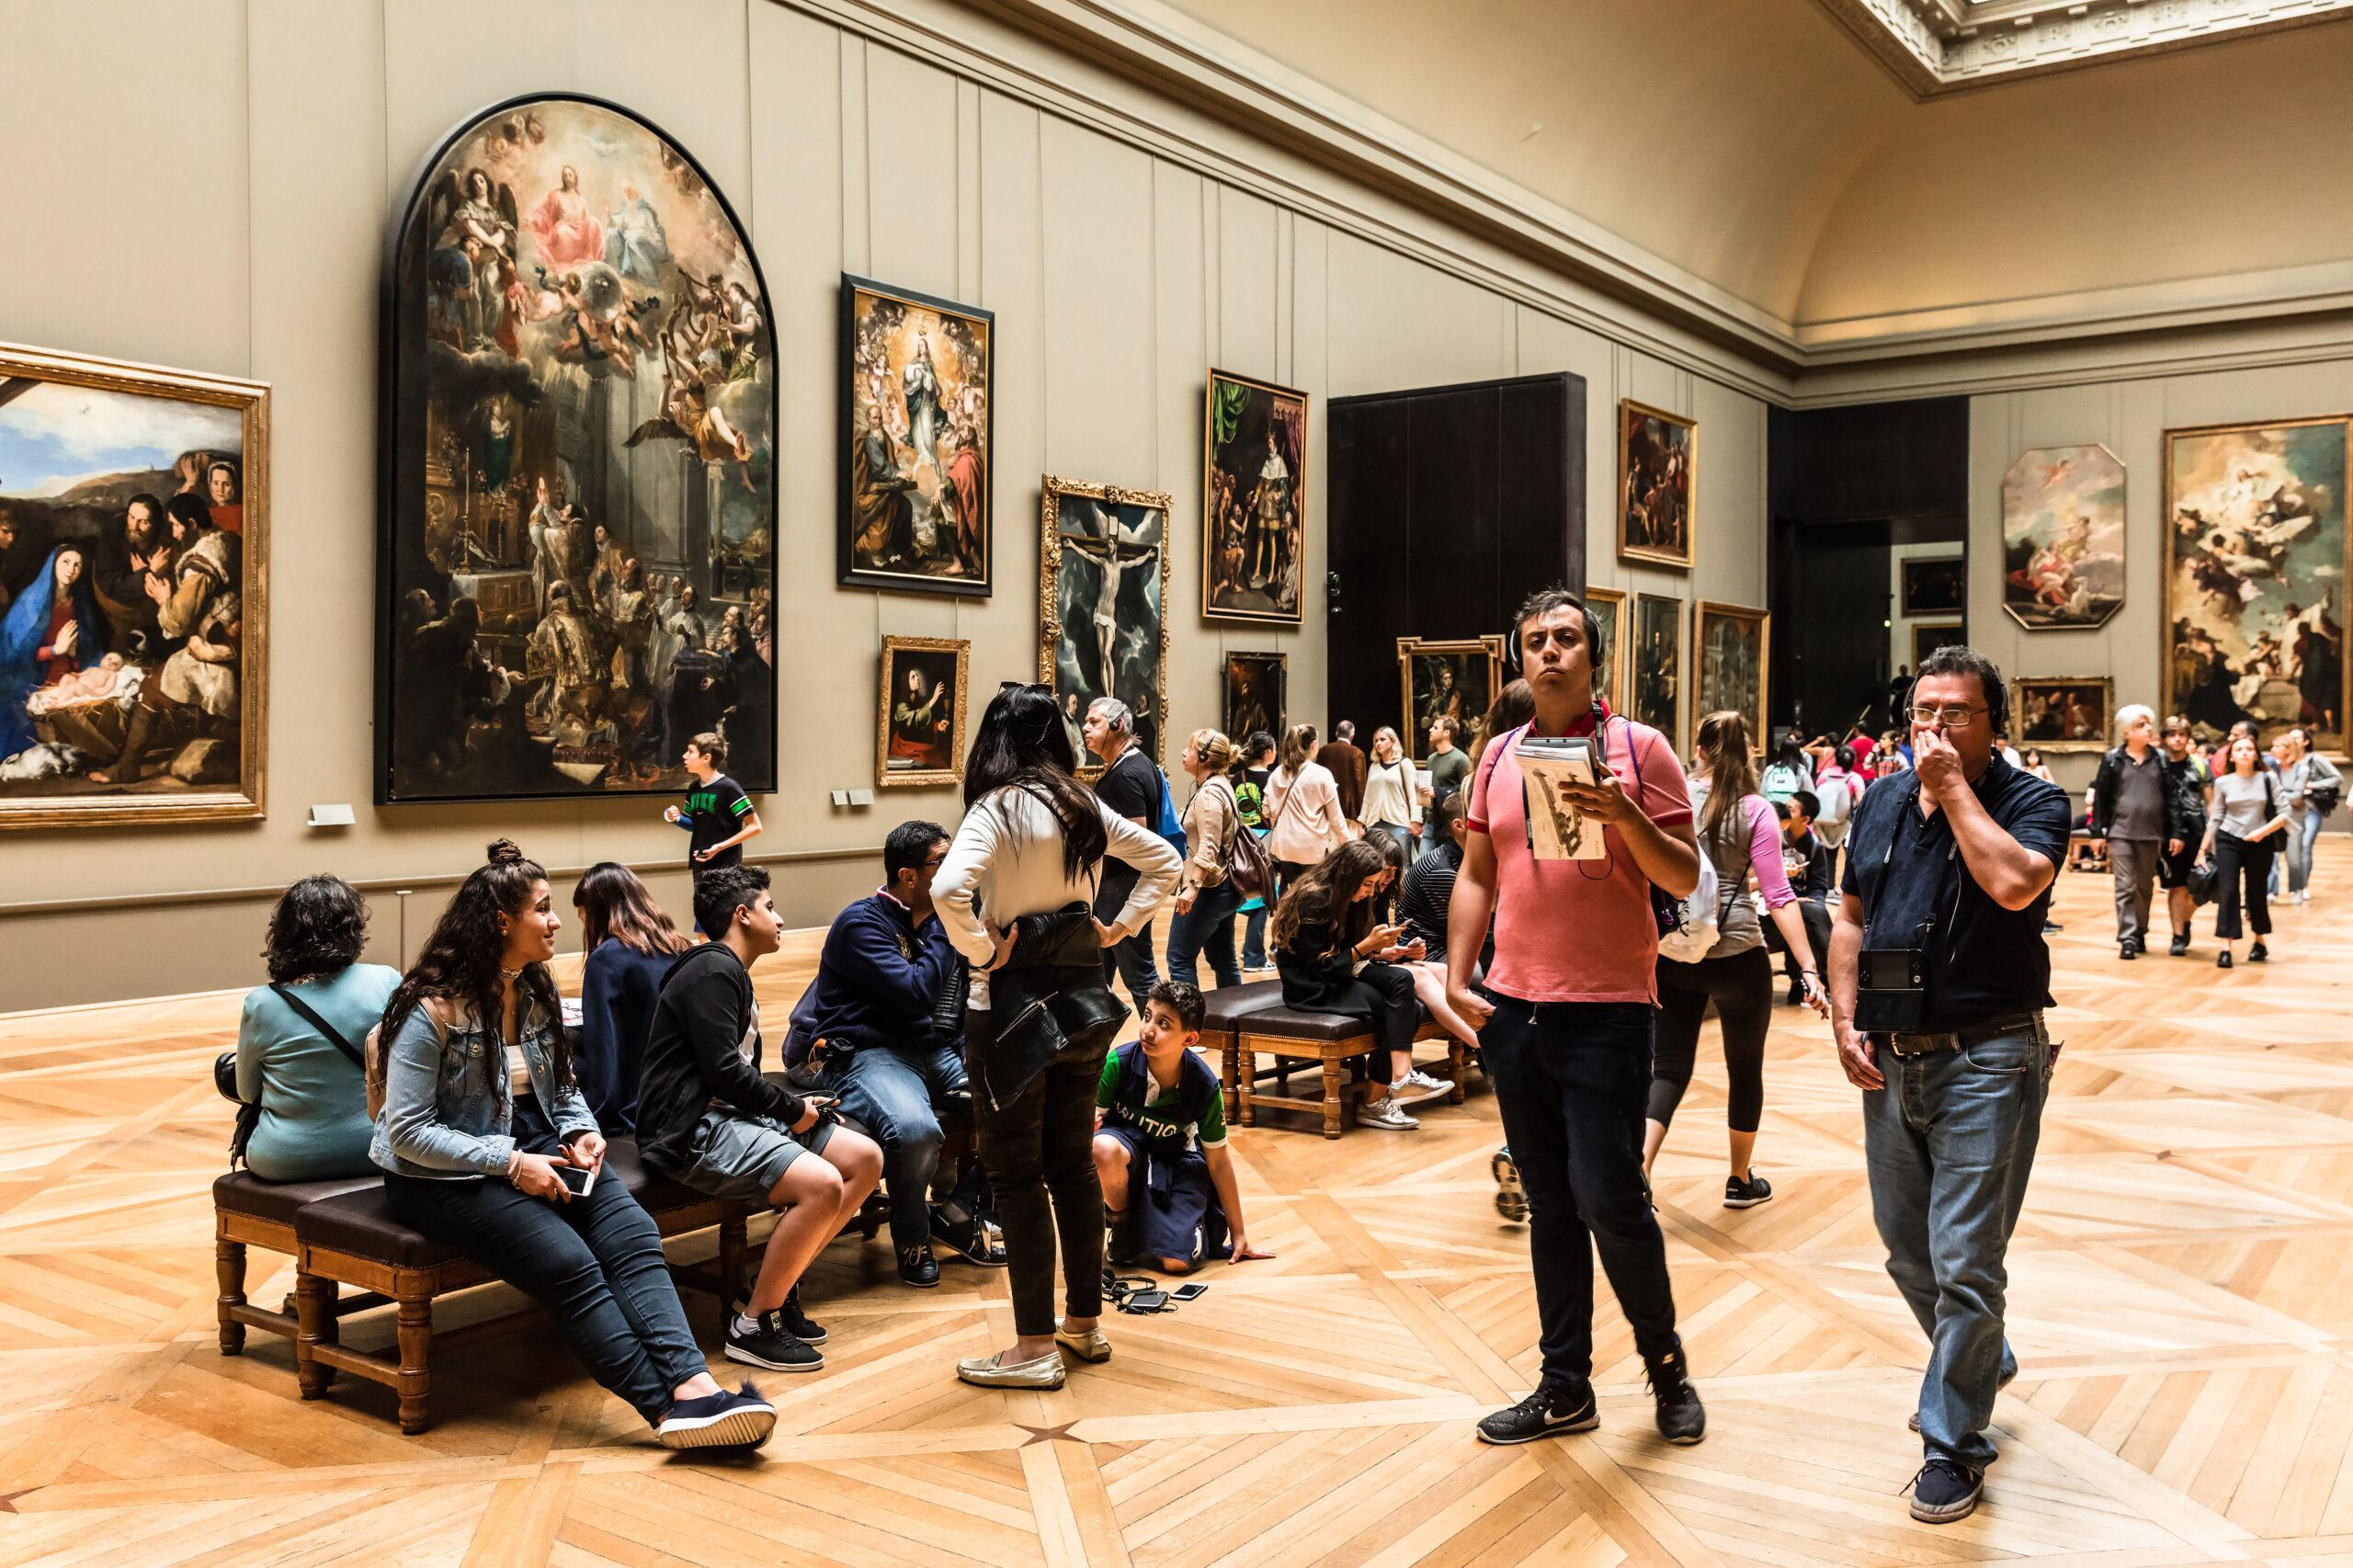 Louvre museum kunst innsiden Paris